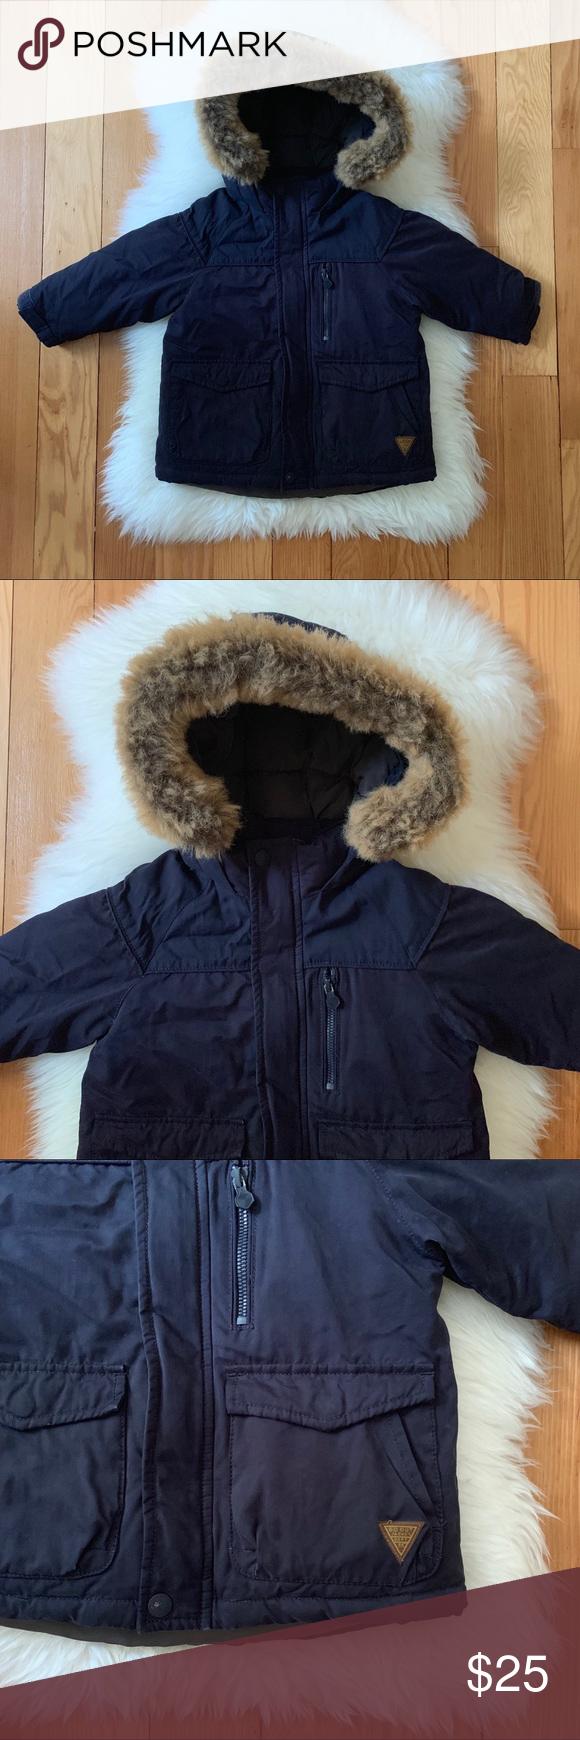 Zara Baby Boy Winter Down Jacket | Zara baby, Down jacket ...